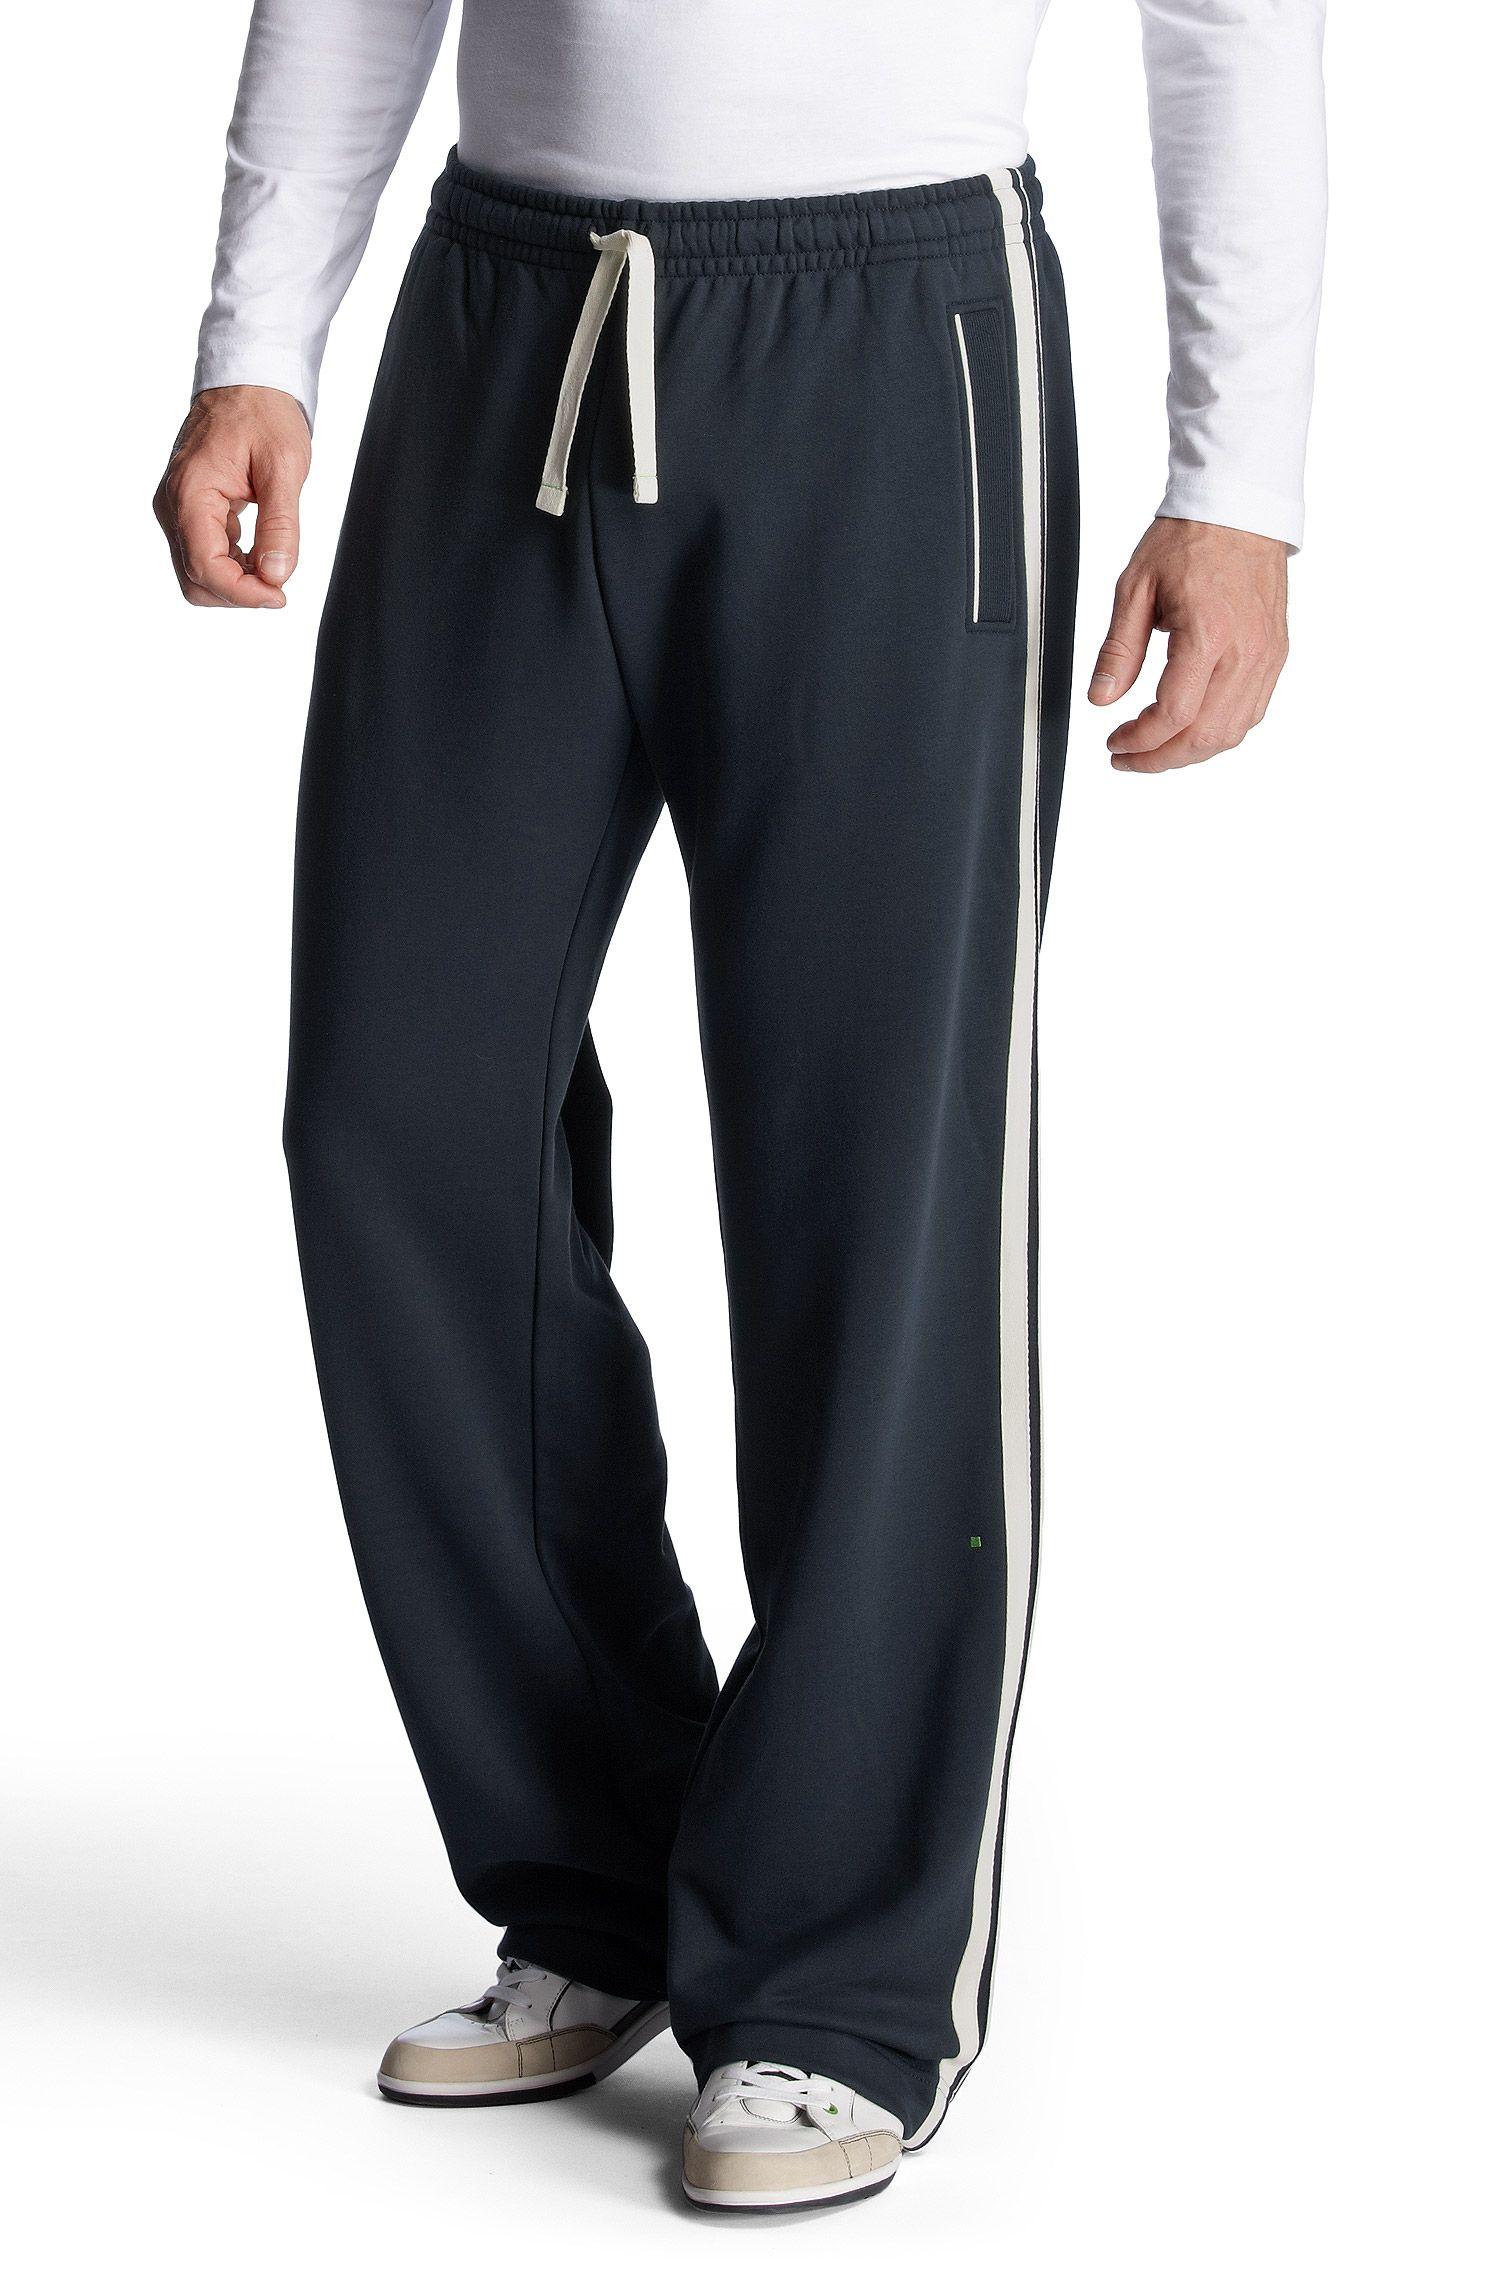 Pantalon détente à détails contrastants, Hajo